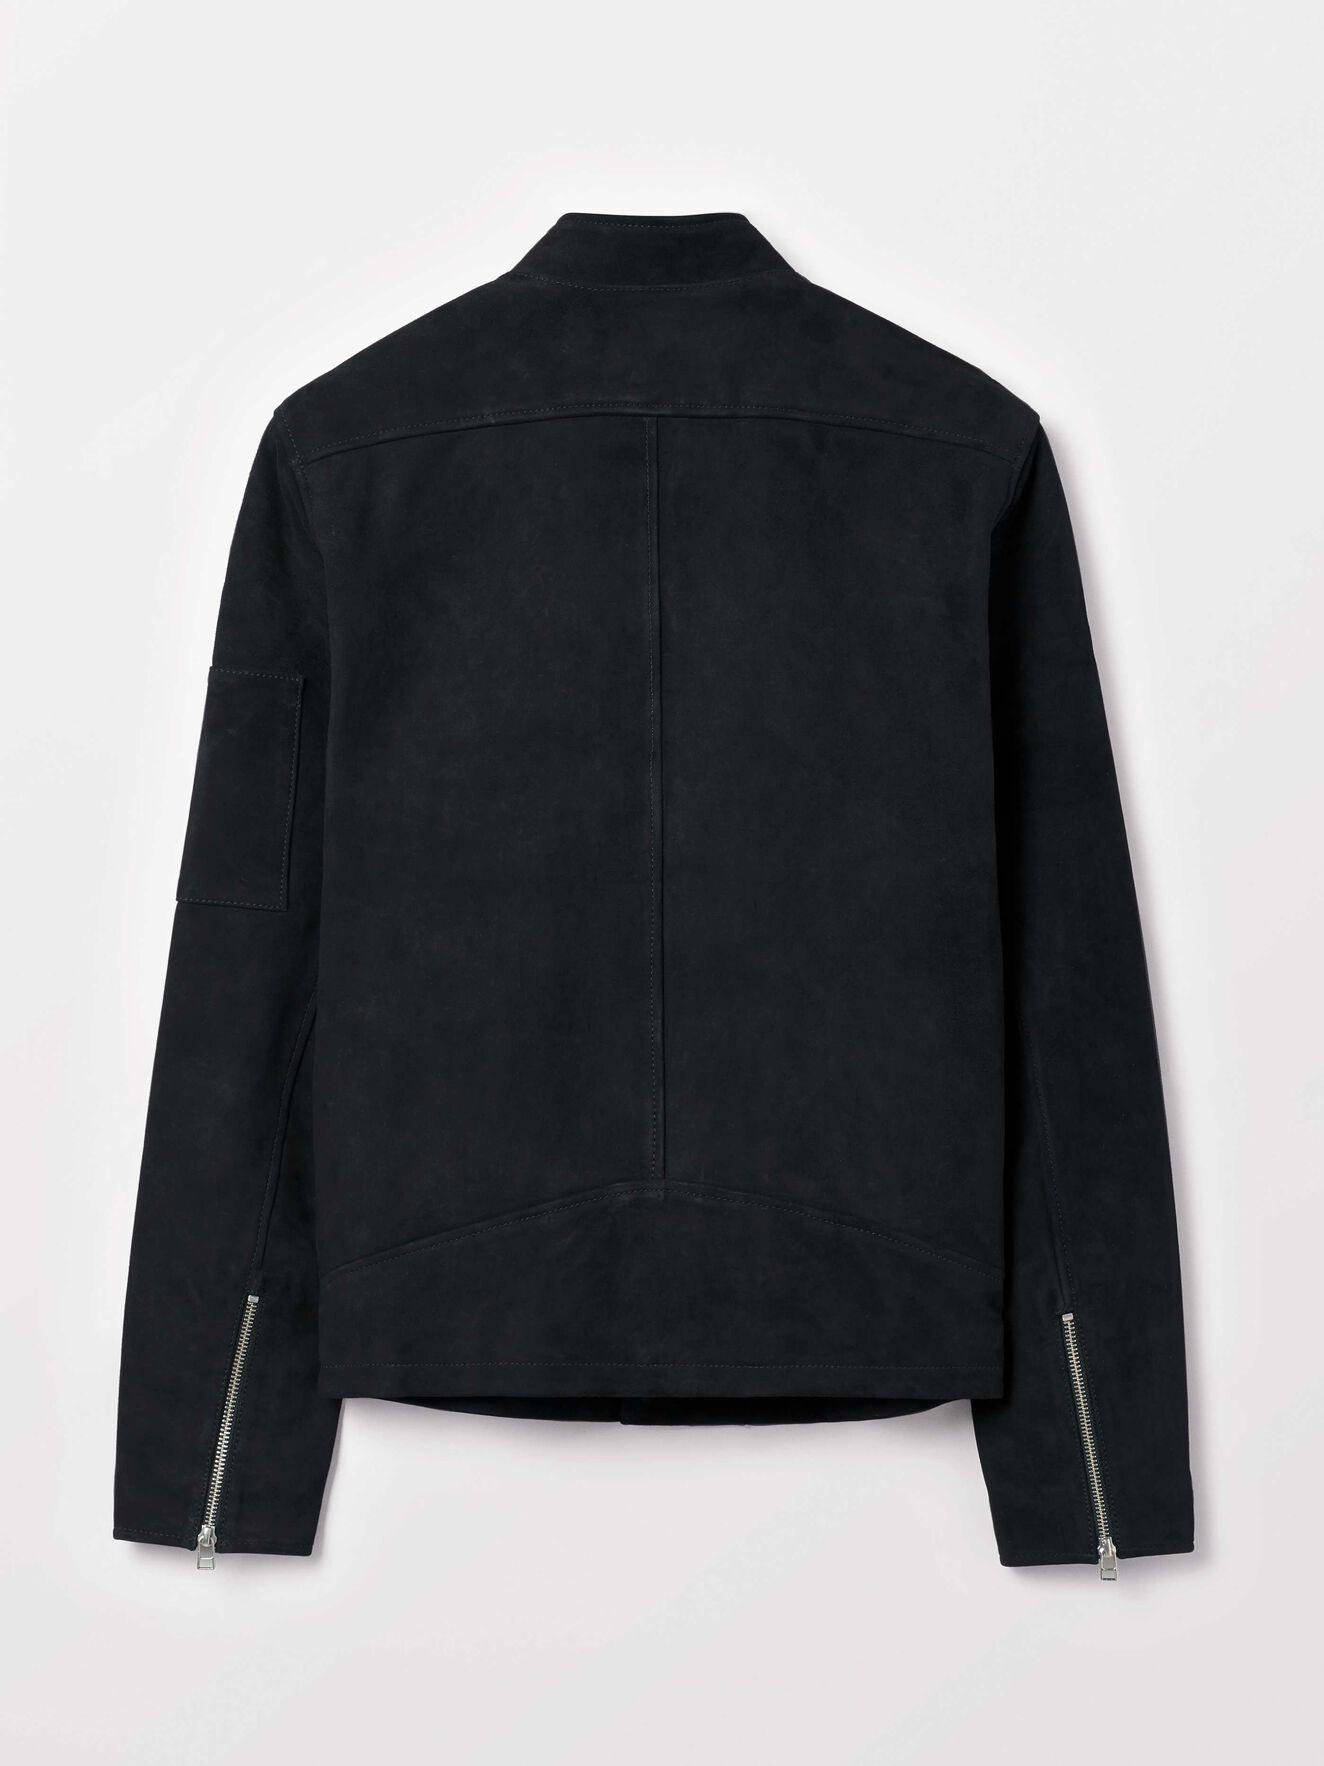 Rikki Su Jacket in Black from Tiger of Sweden